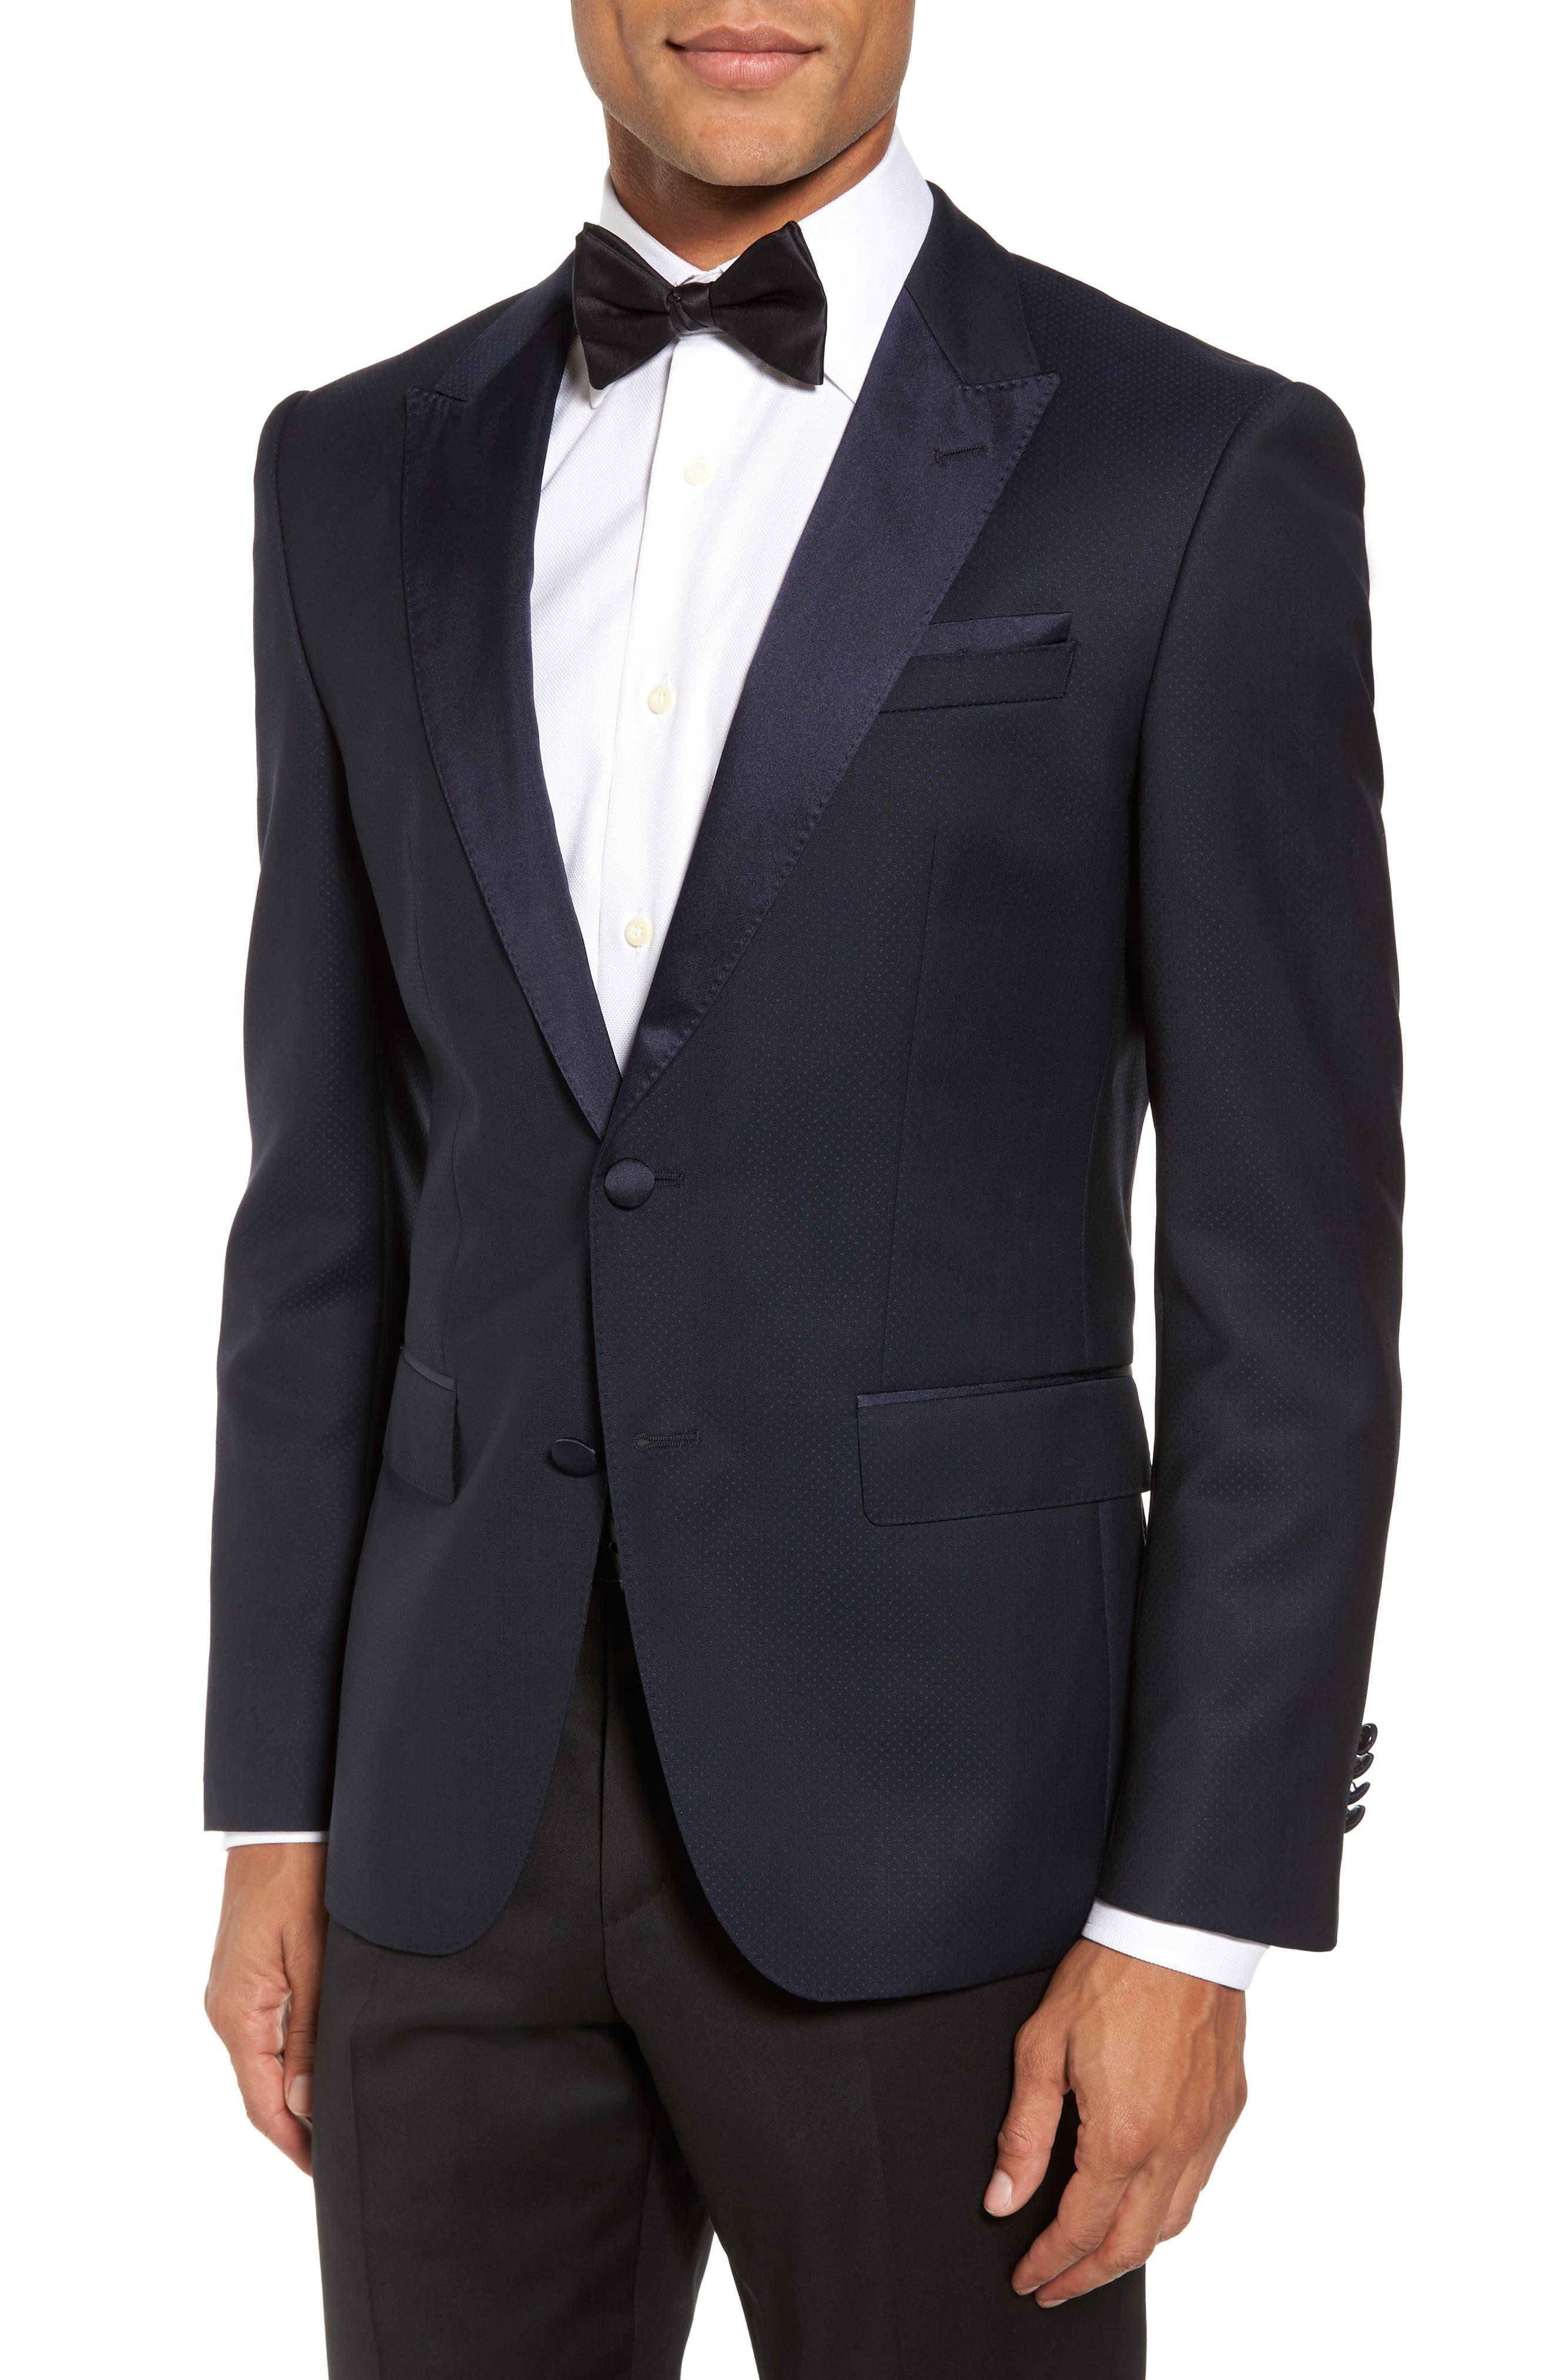 Alternate Image 1 Selected - BOSS Helward Trim Fit Wool Dinner Jacket